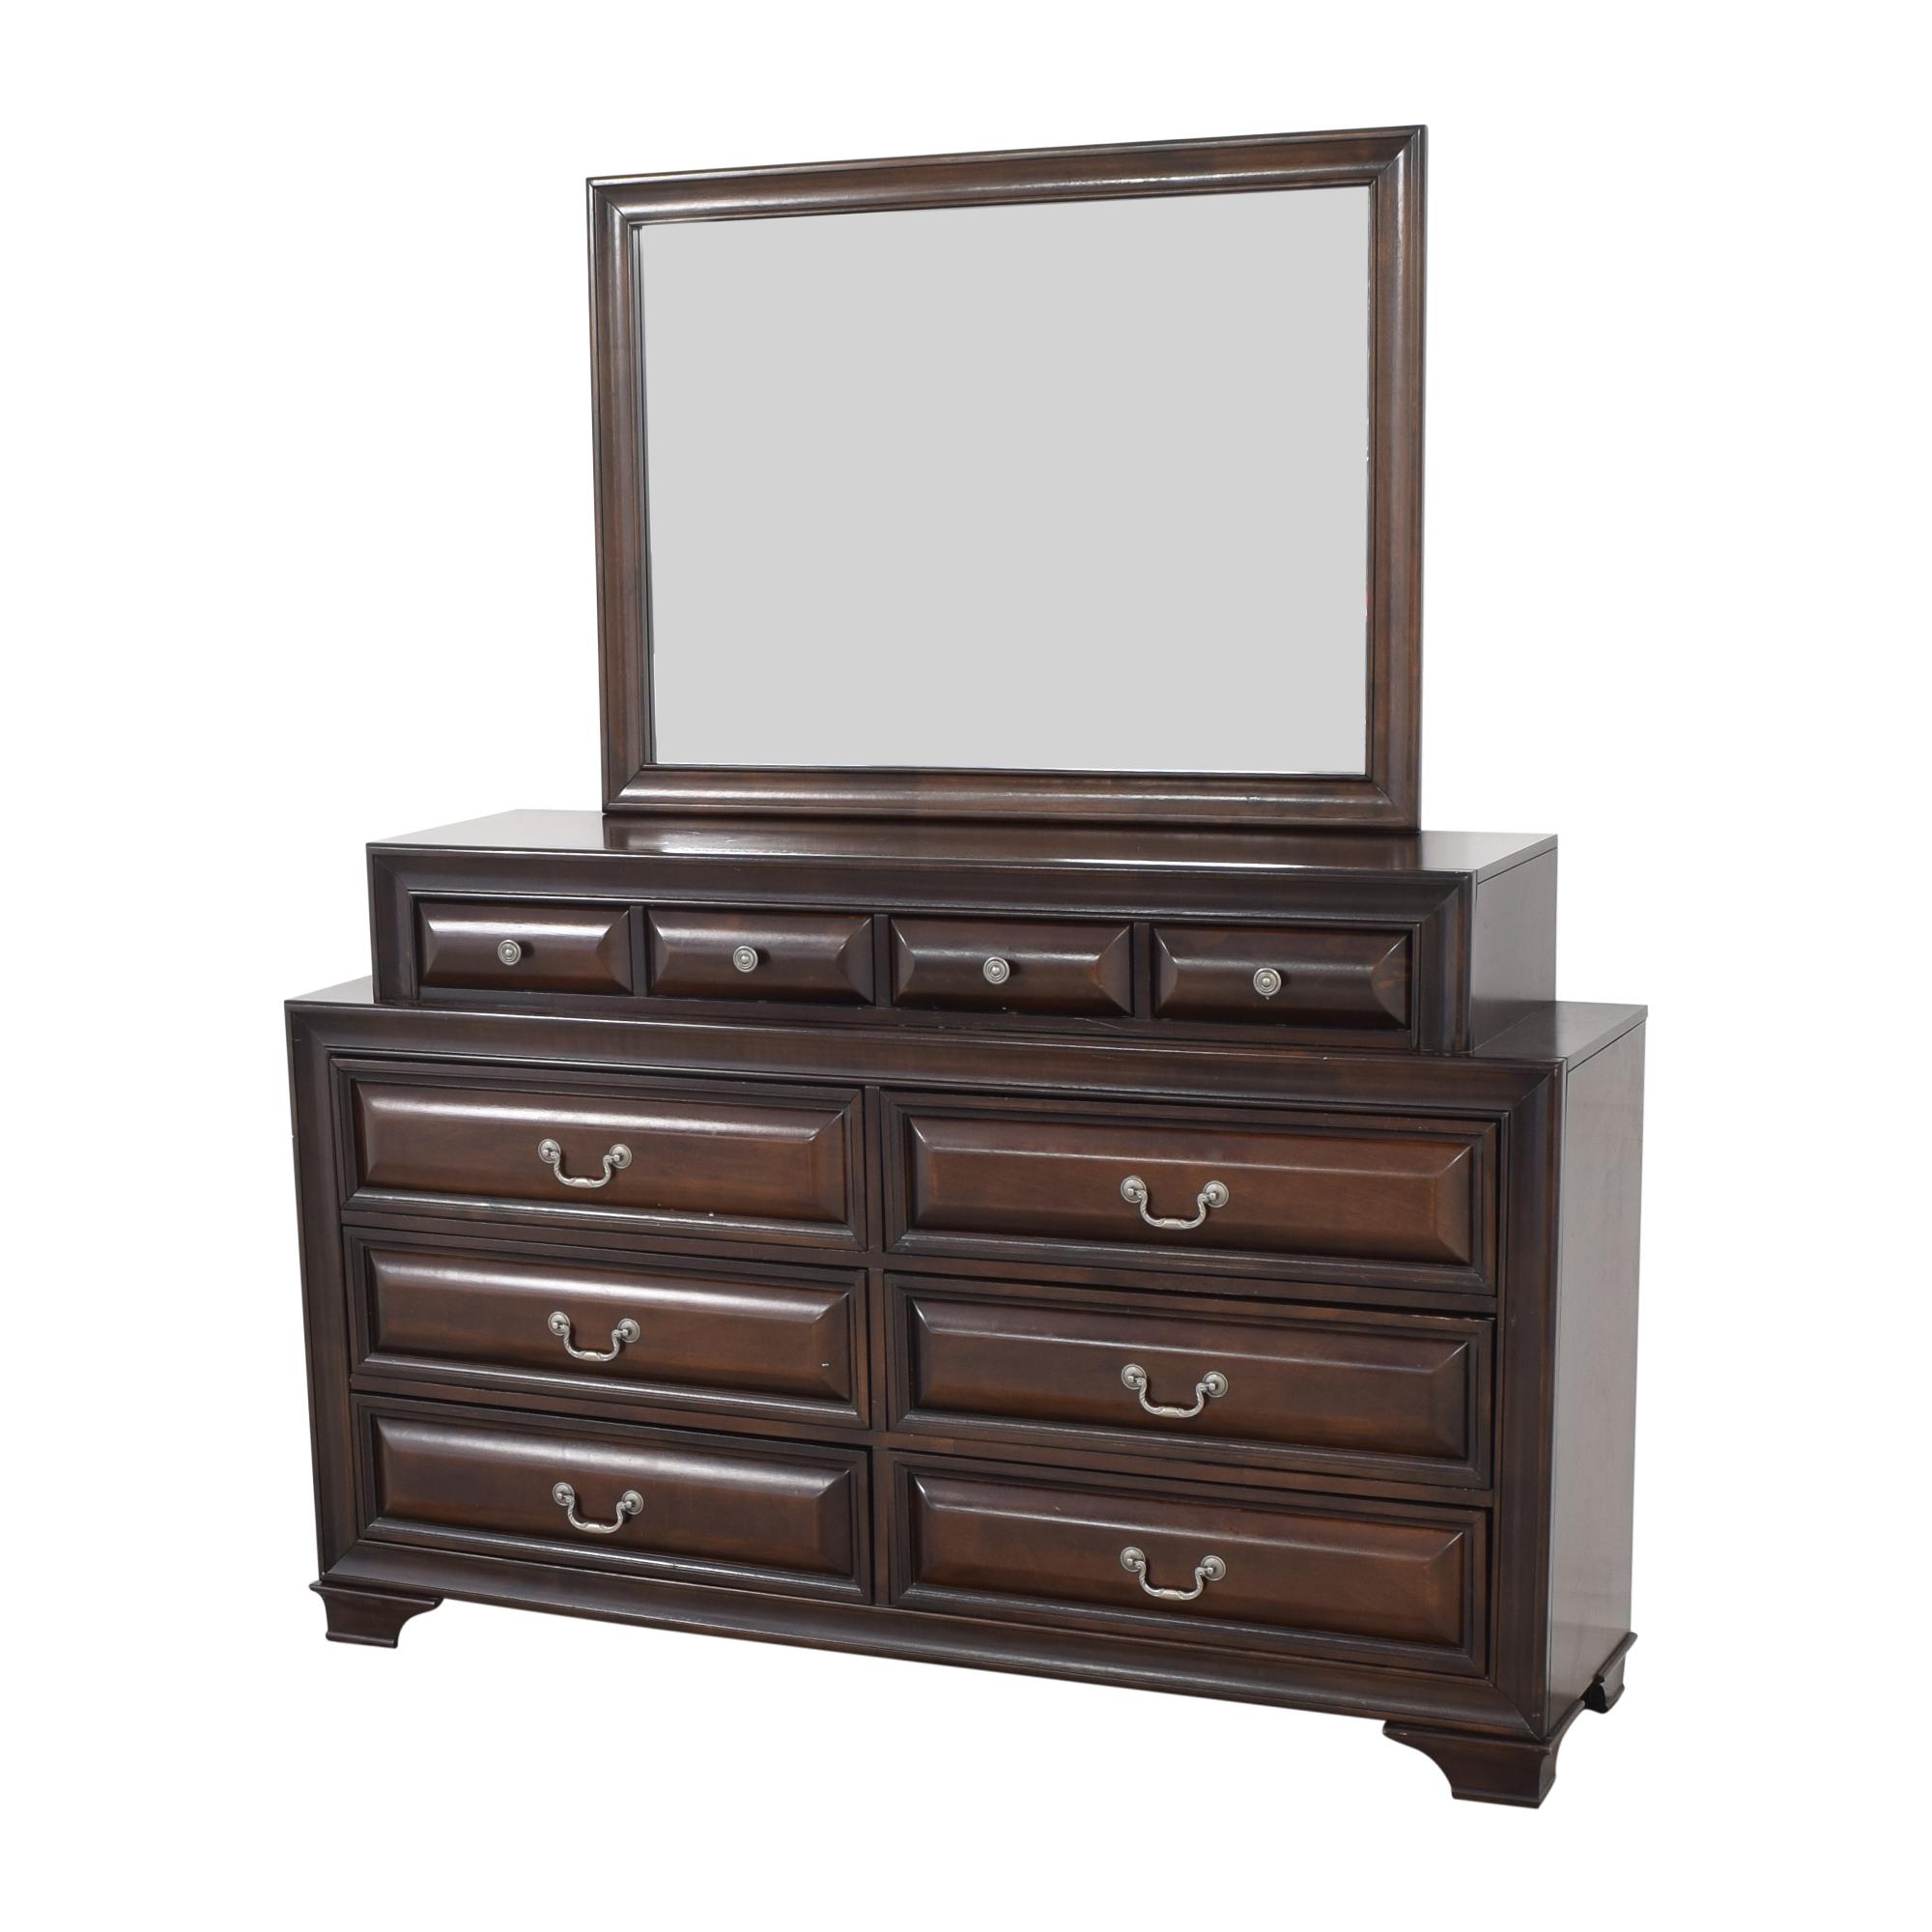 Ten Drawer Dresser with Mirror price